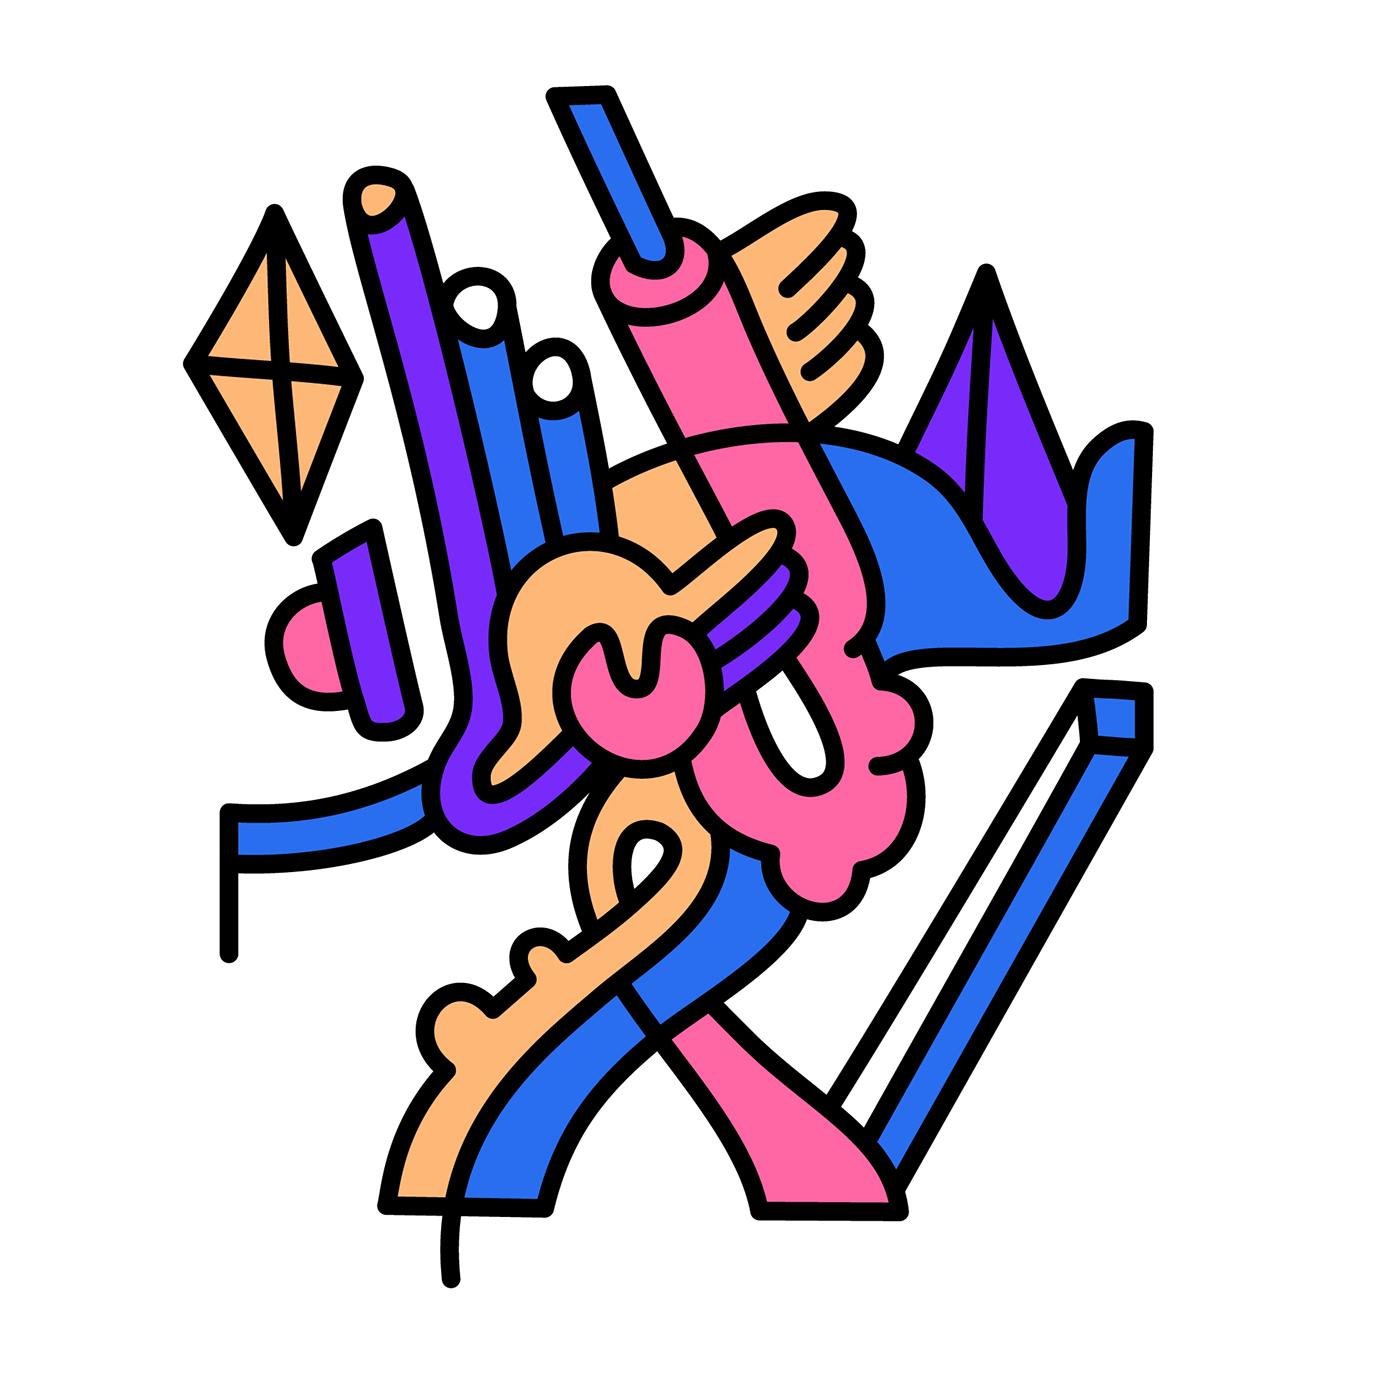 Image may contain: cartoon, drawing and abstract